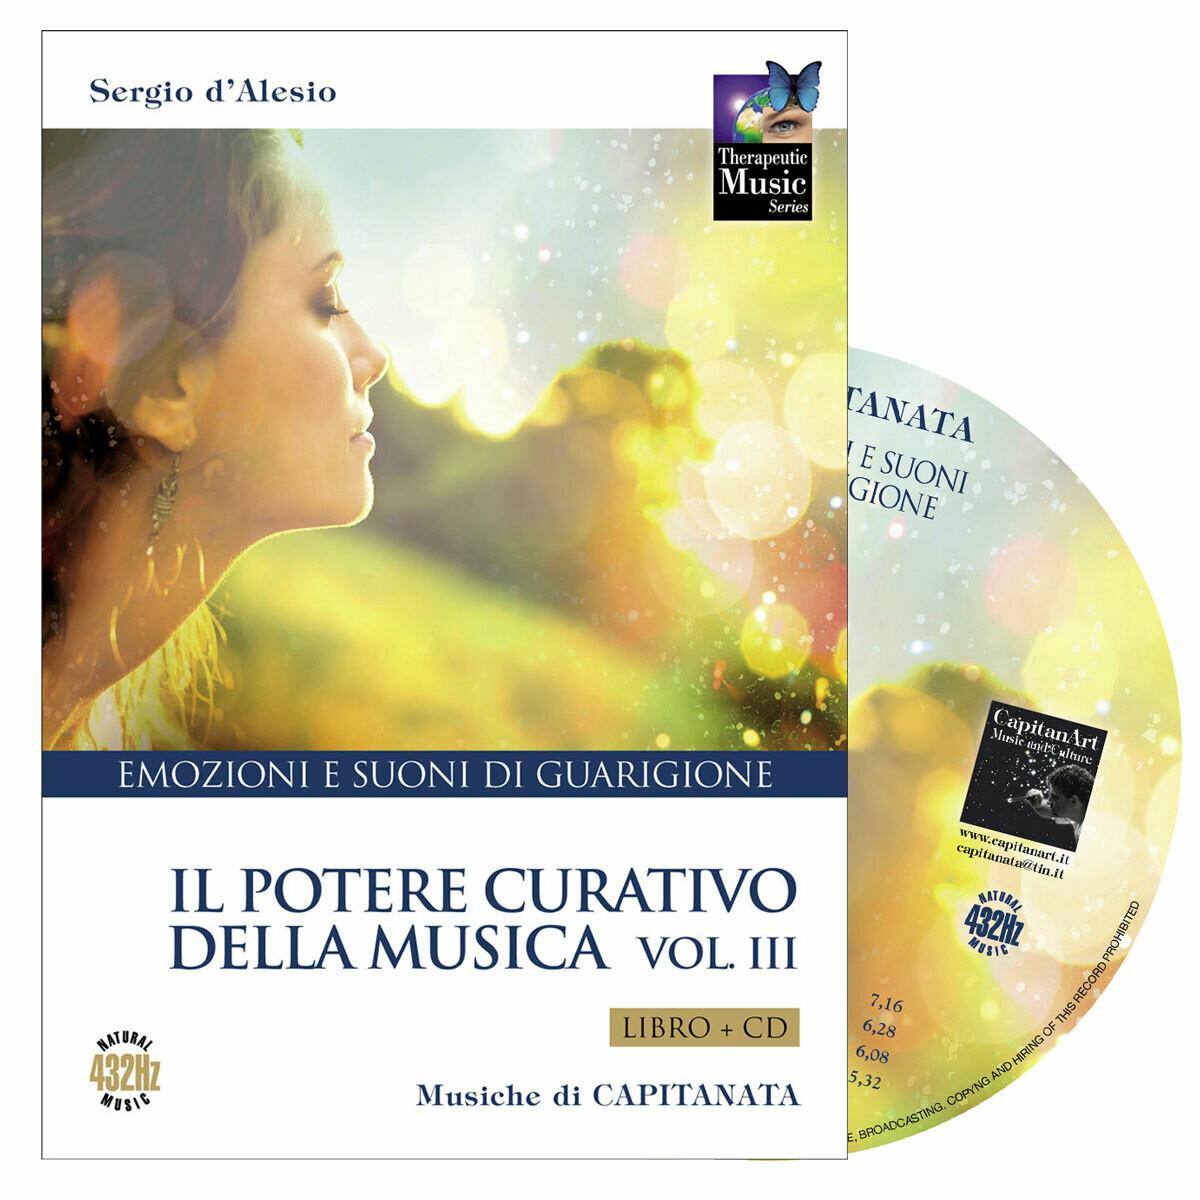 Il Potere Curativo della Musica Vol. 3 - Libro + CD Emozioni & Suoni di Guarigione